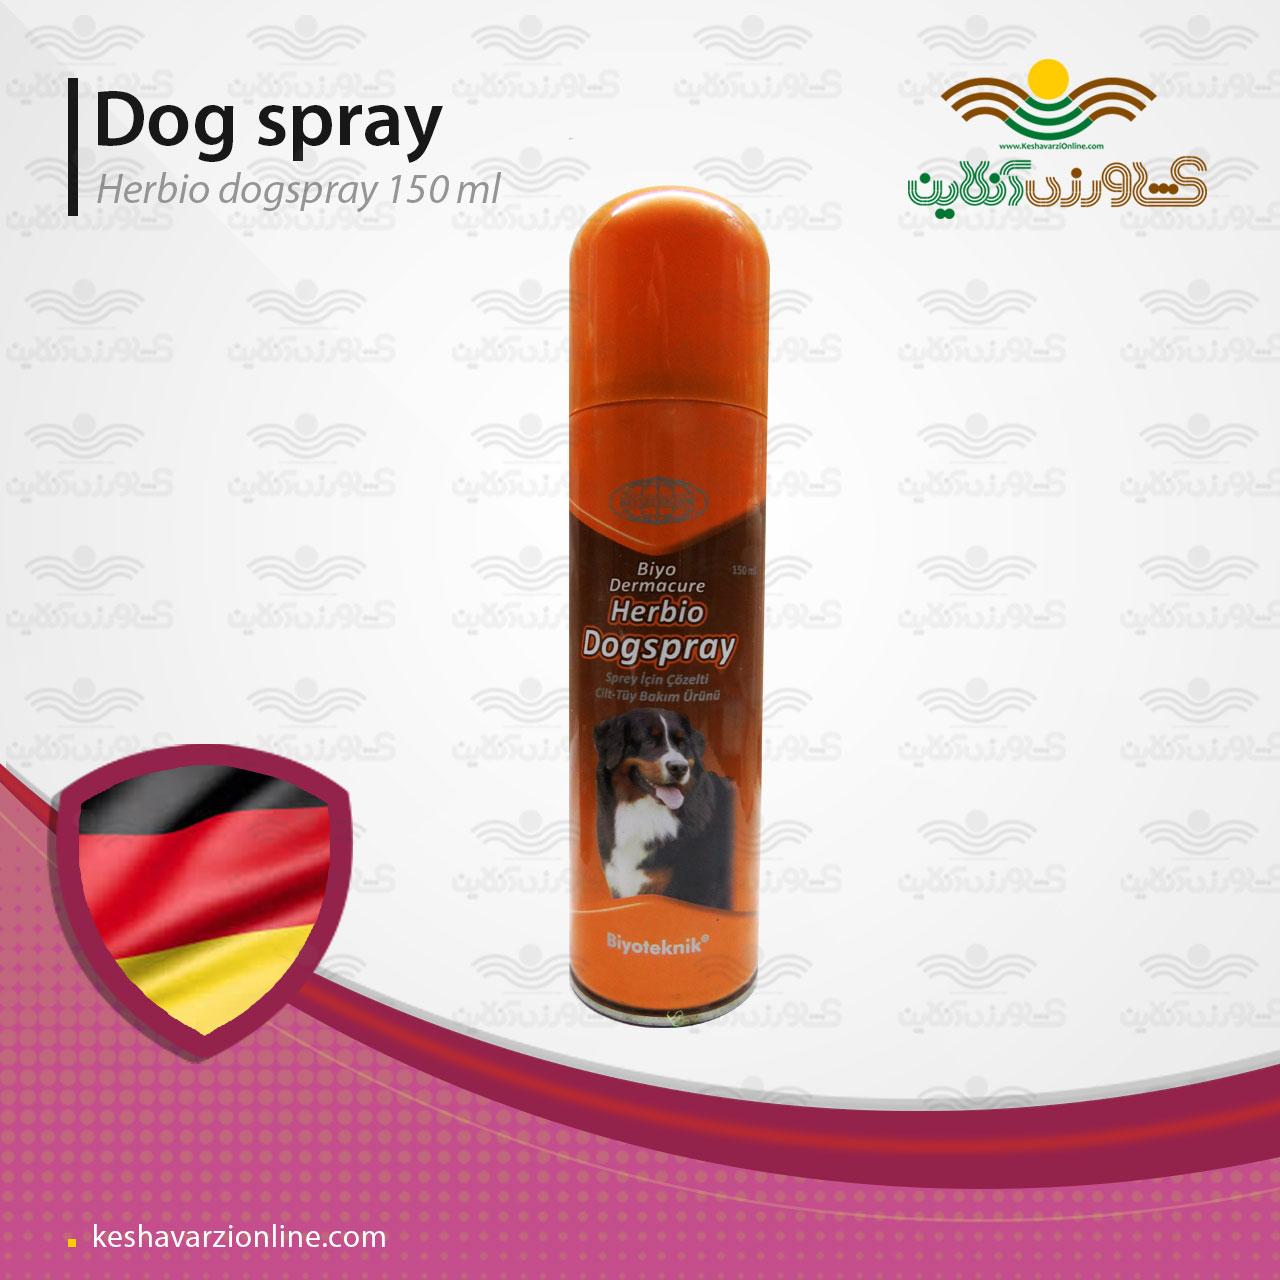 داروی مخصوص سگ Dog spray ١۵٠